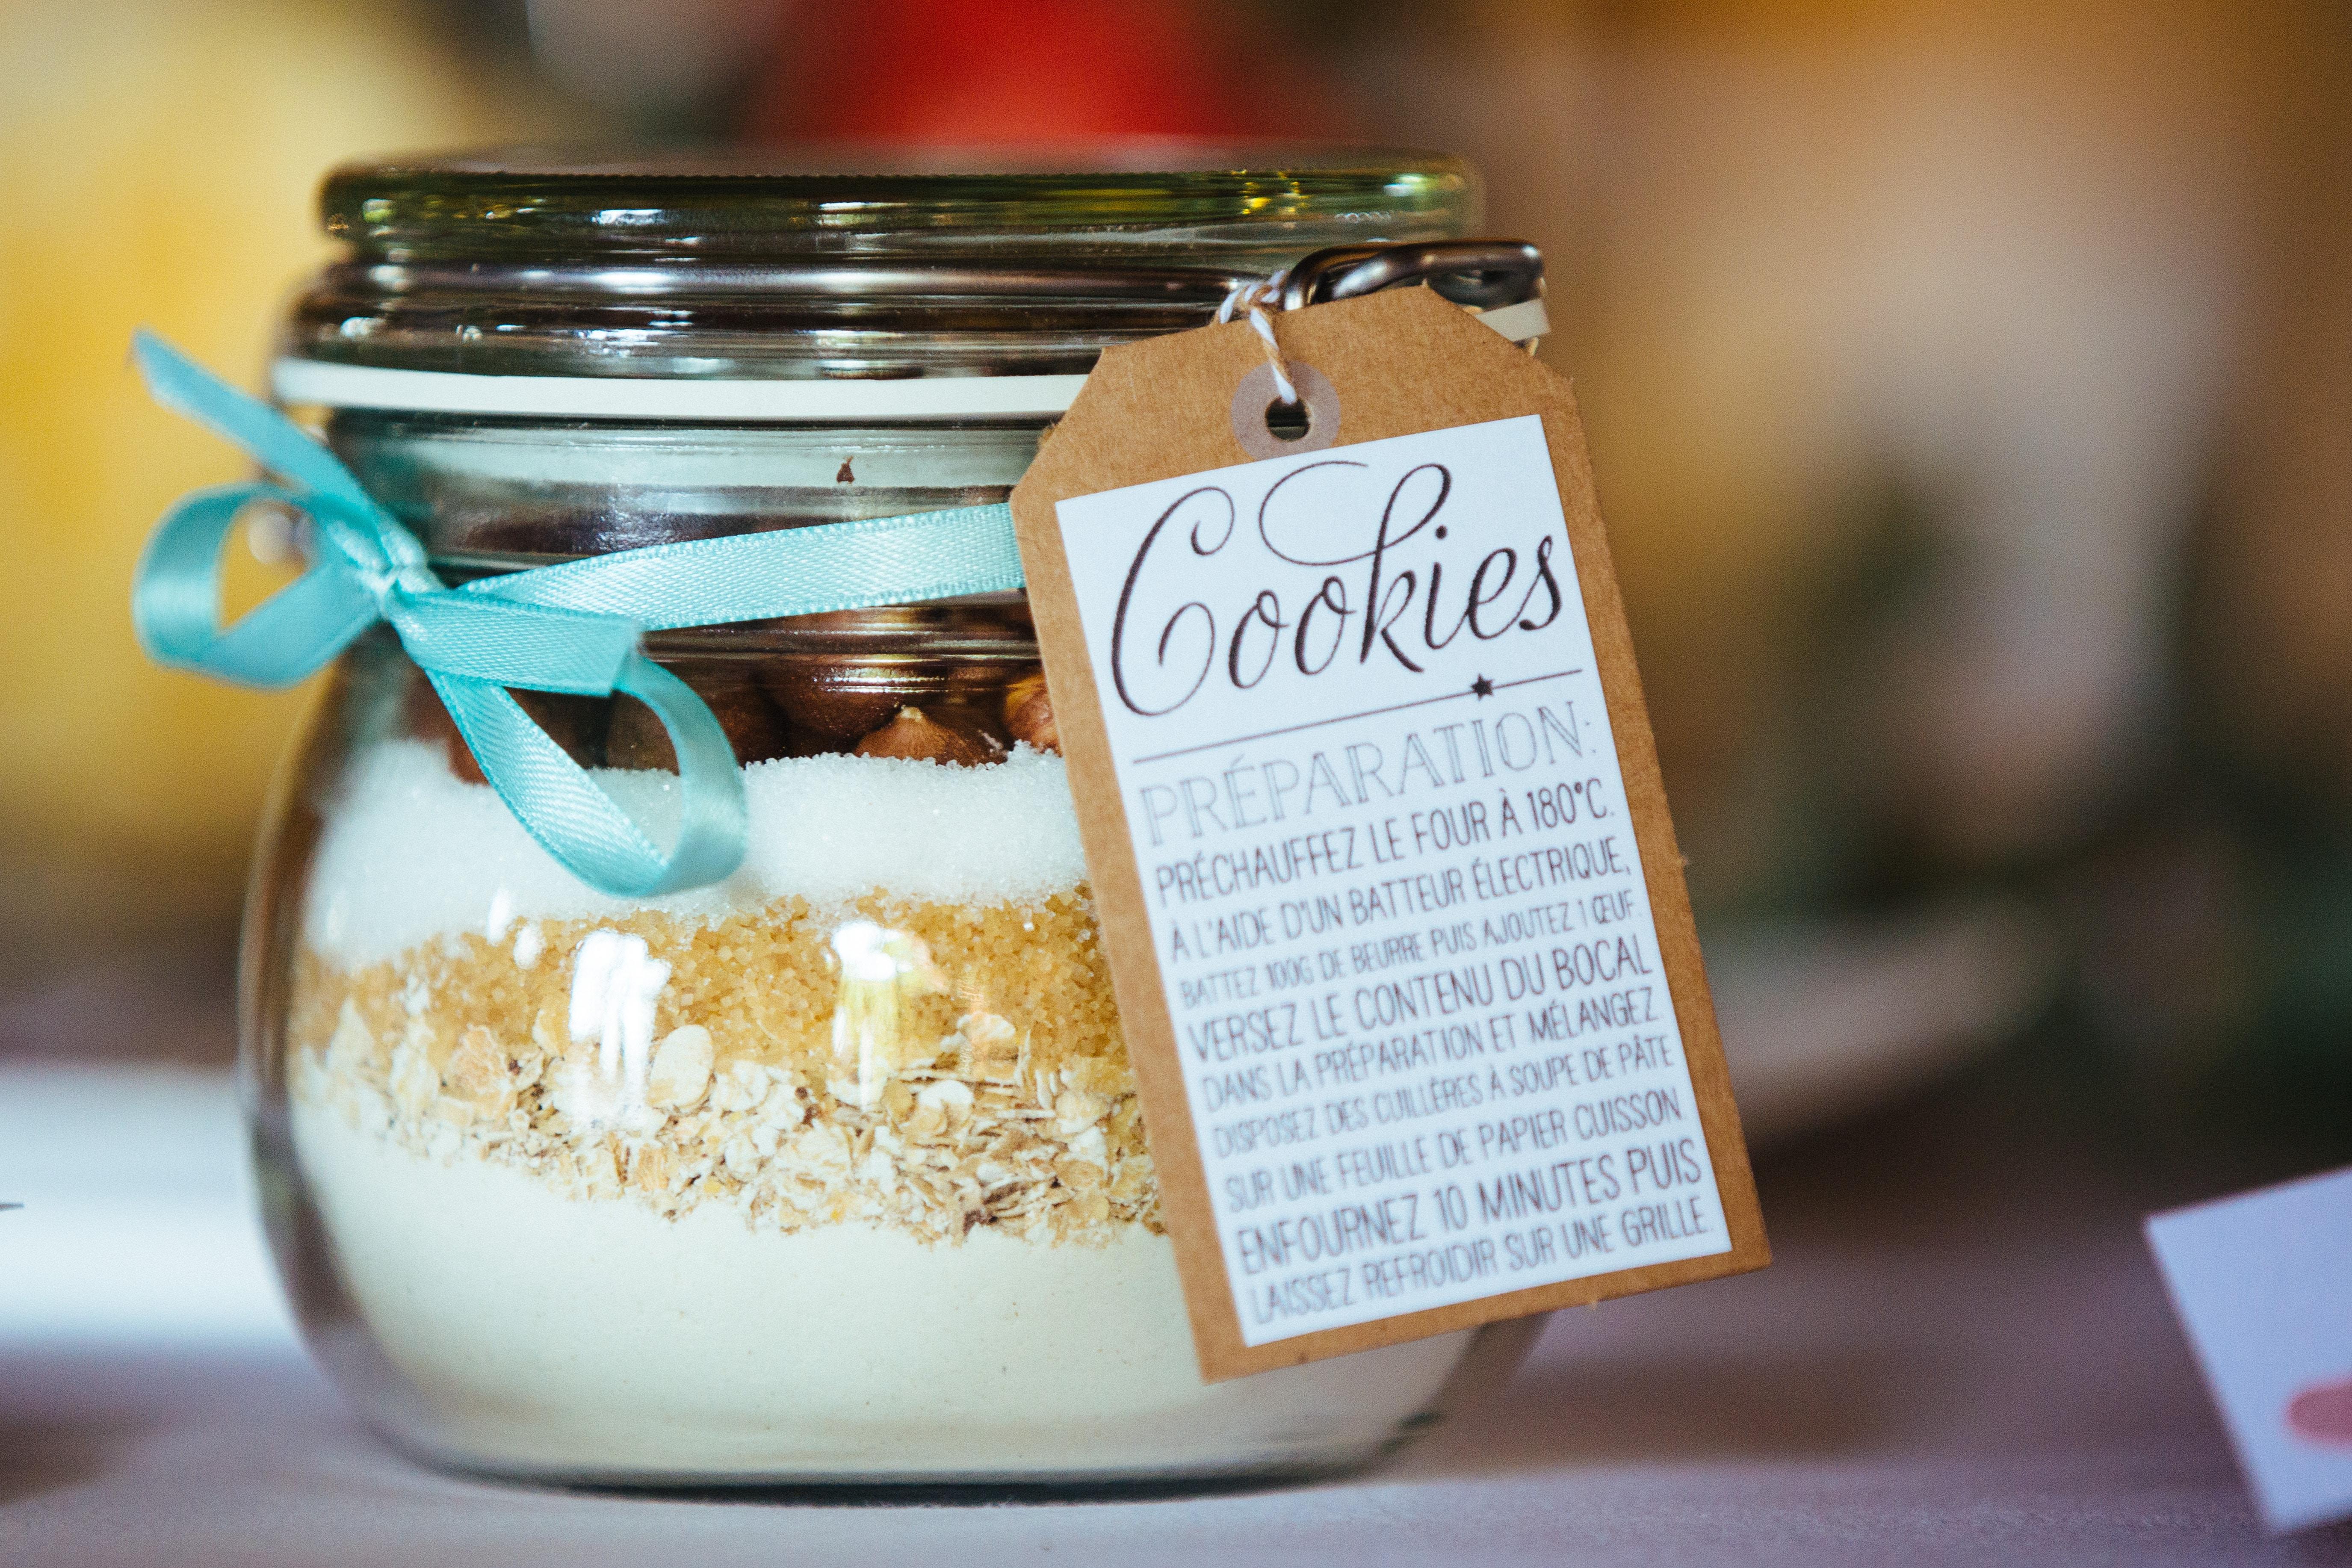 décoration de mariage orange - cadeaux des invités - kit à cookies